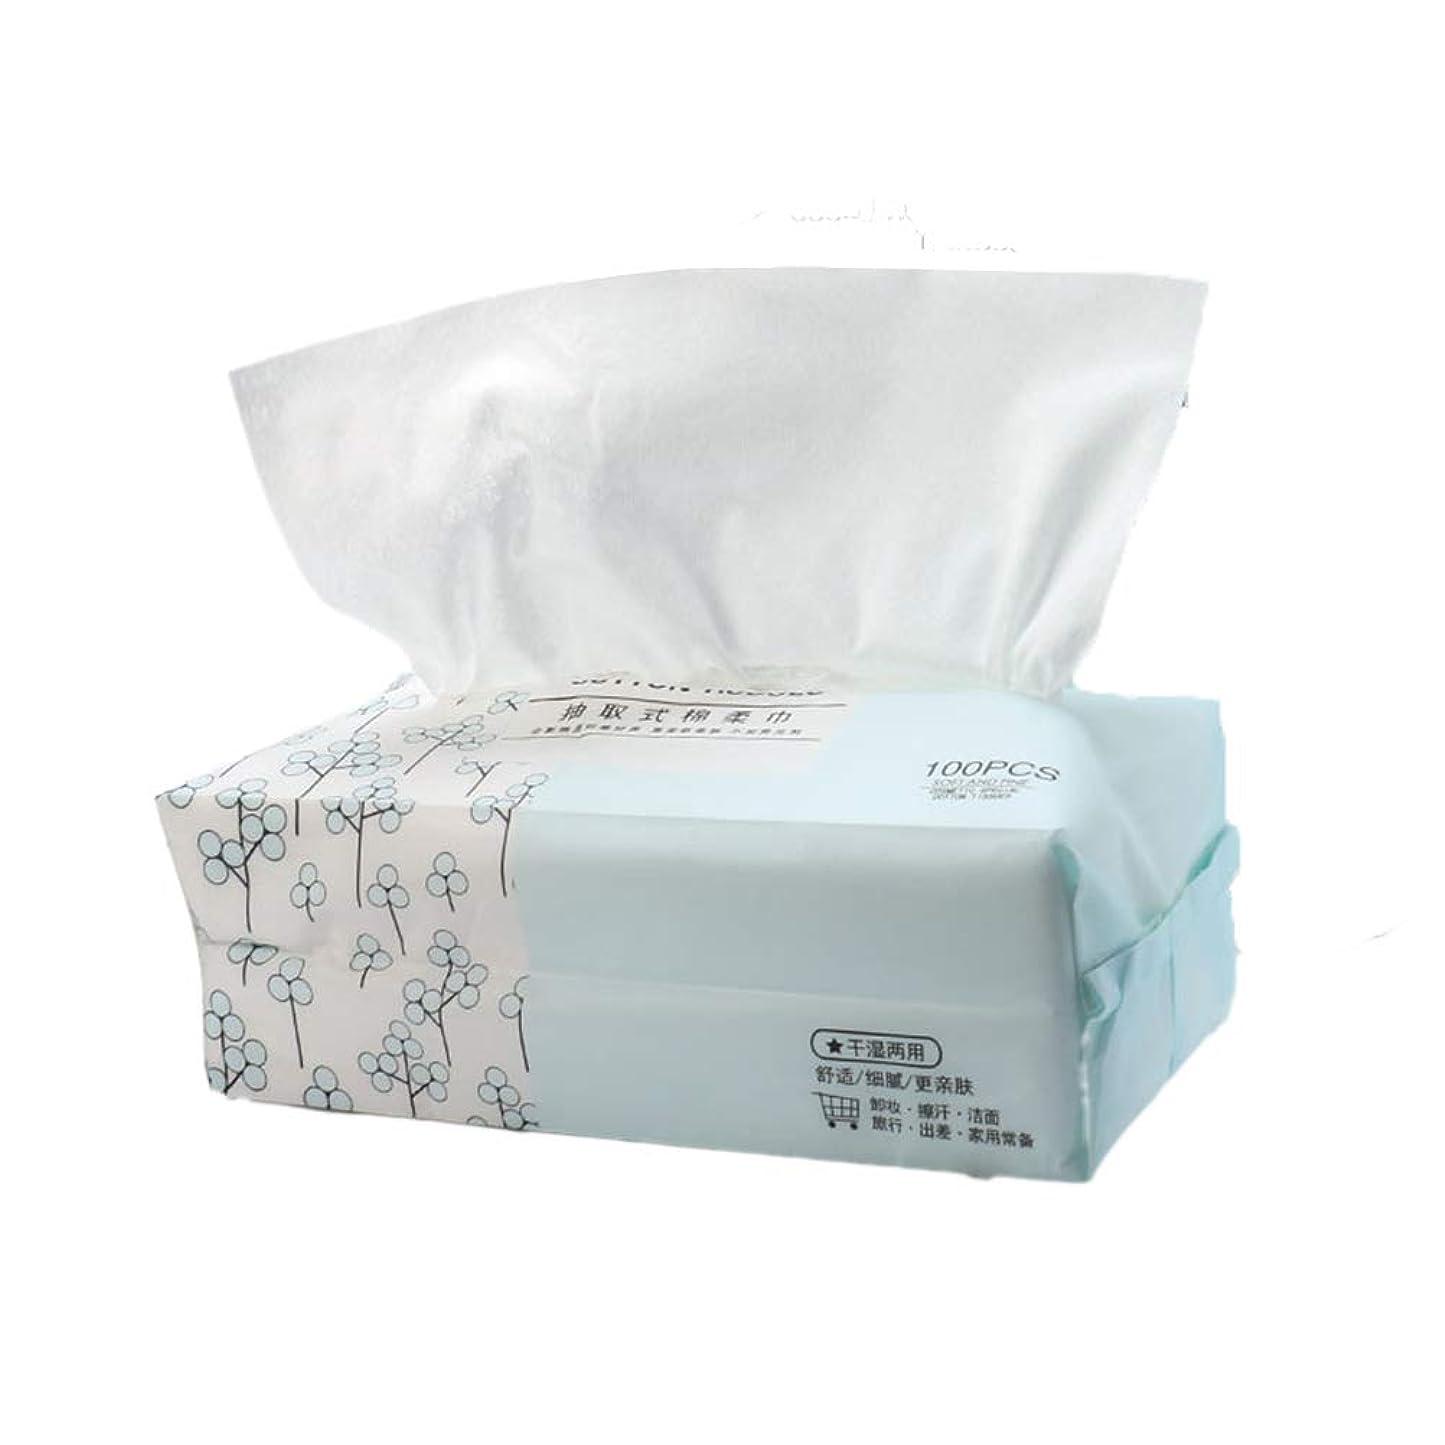 宇宙船ハブブラインドLurrose 化粧品の綿のパッドを洗うための100個の使い捨てタオルは、フェイスタオルを拭く拭き取りを構成します